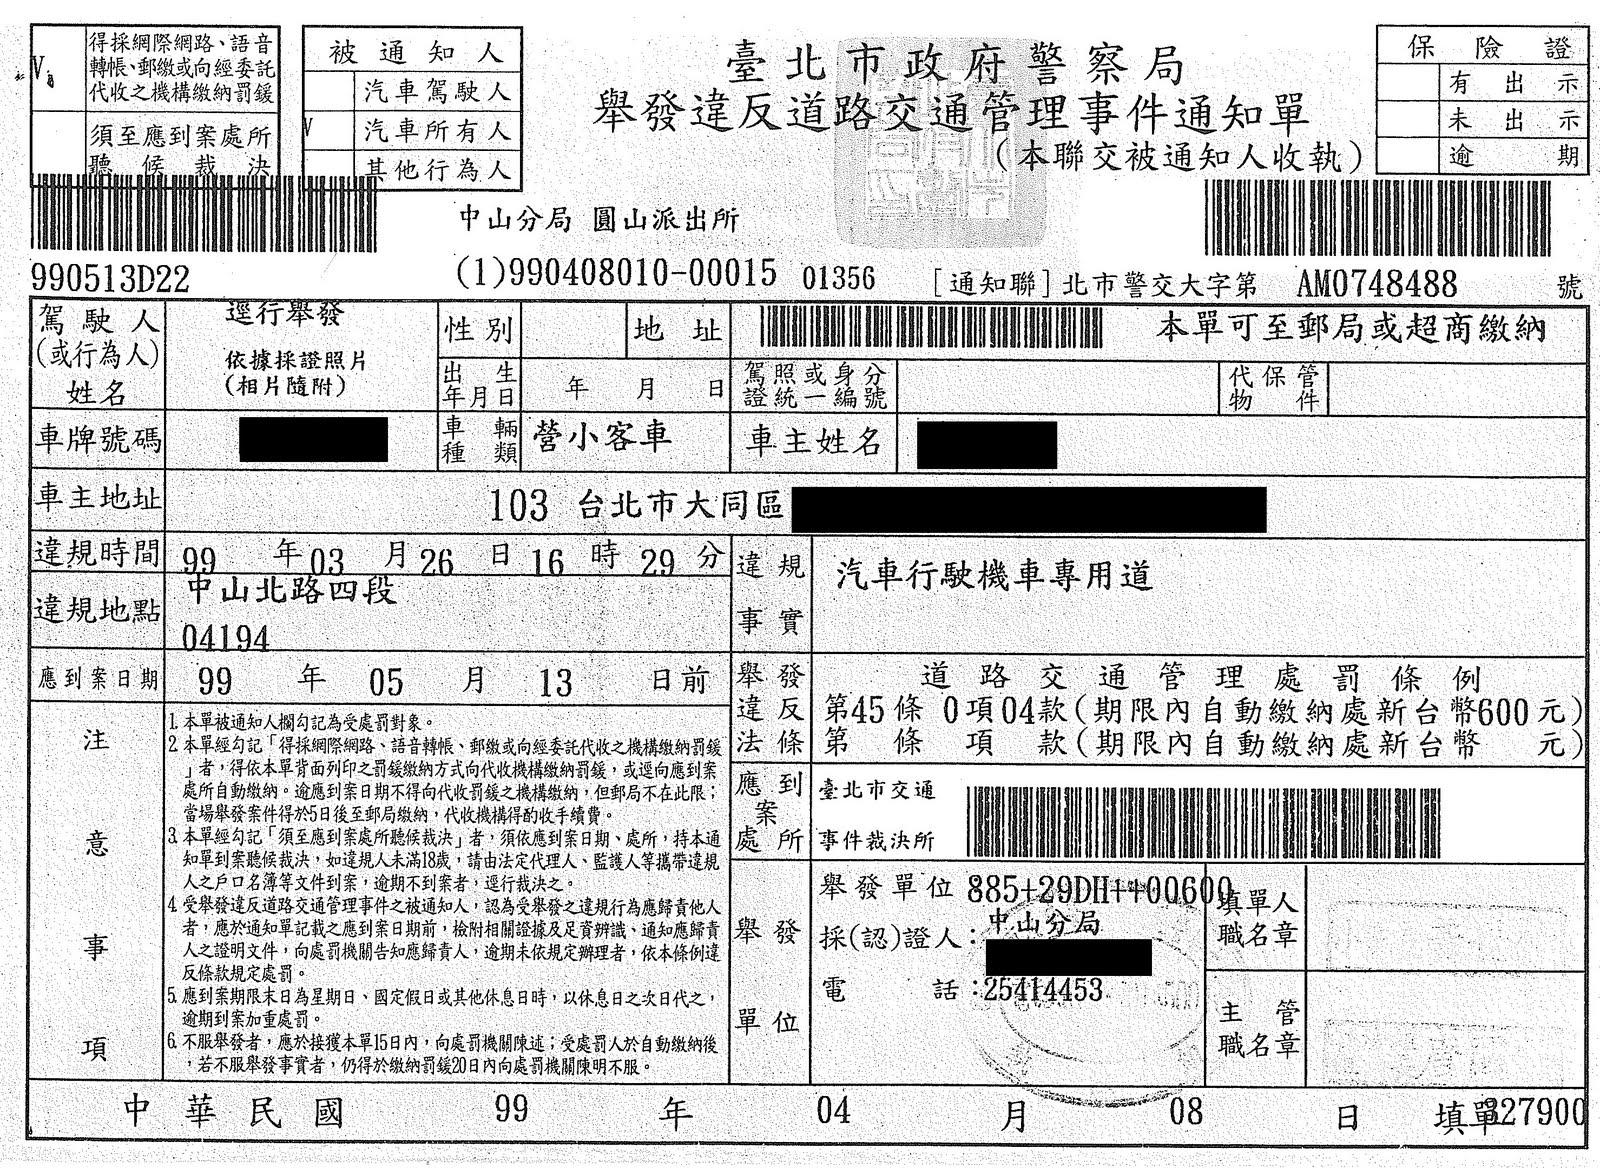 罰單 | [組圖+影片] 的最新詳盡資料** (必看!!) - www.go2tutor.com